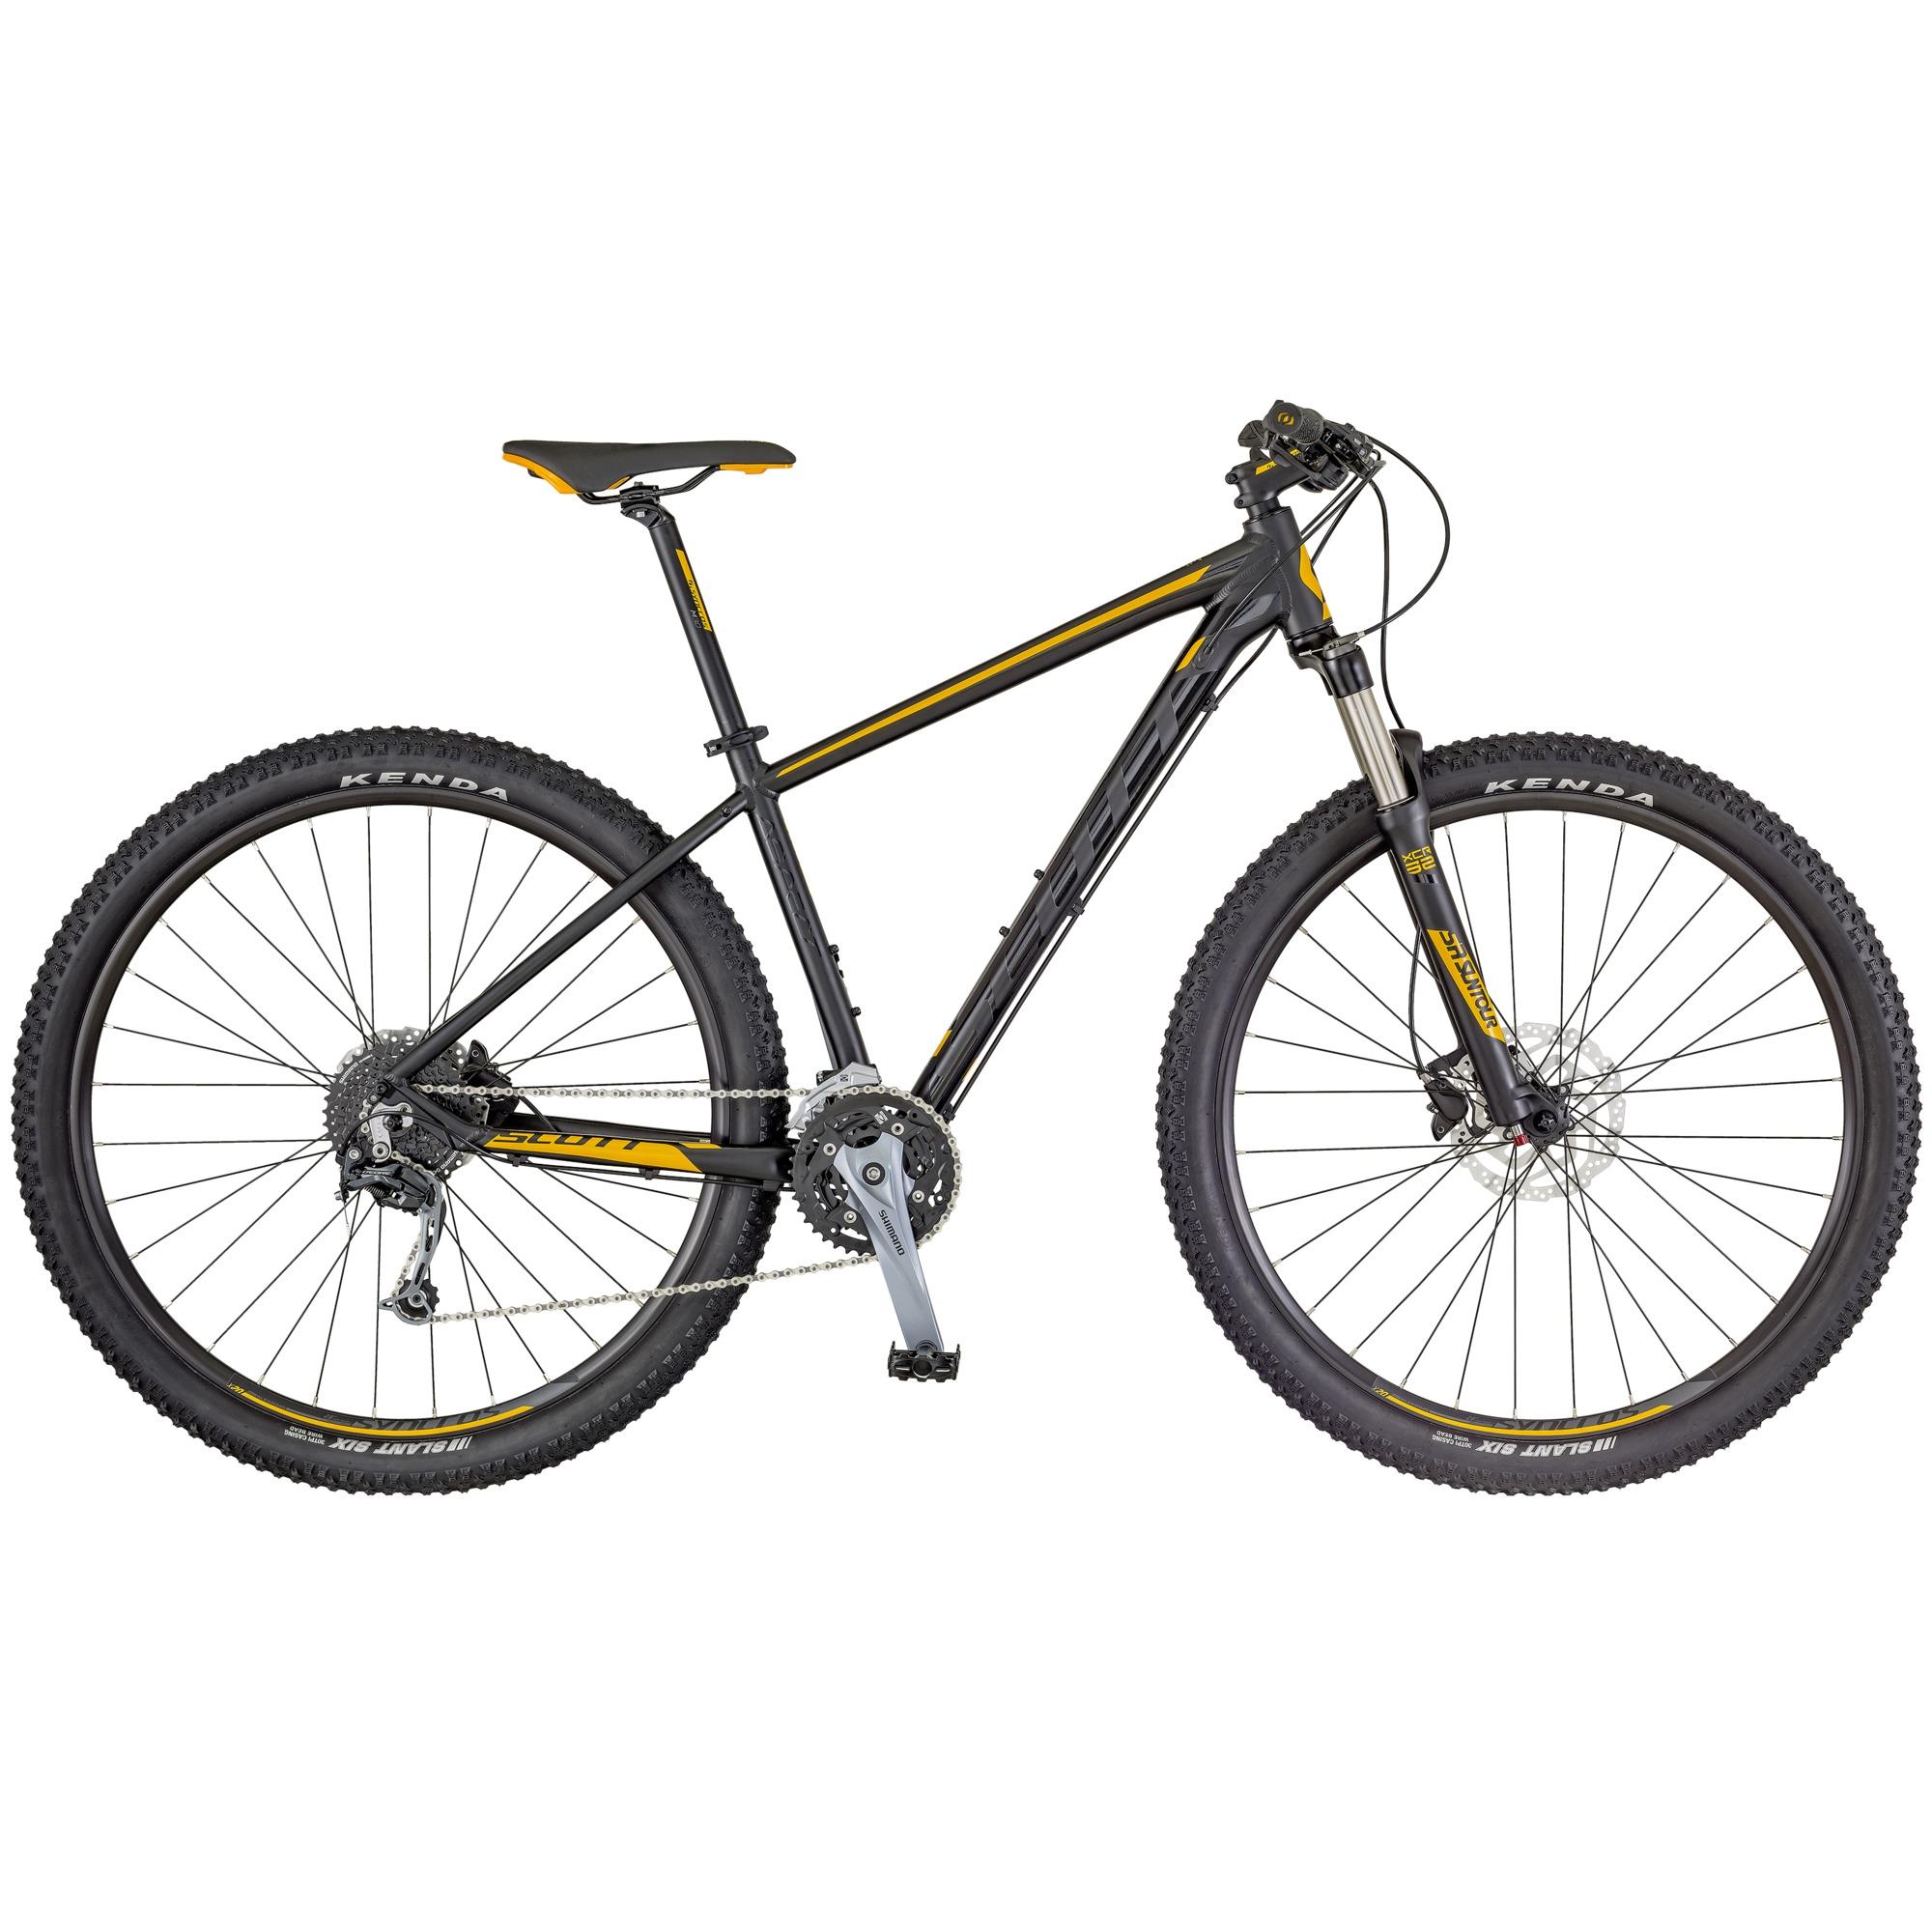 Aspect 930 Bike schwarz/gelb L - Zweirad Homann